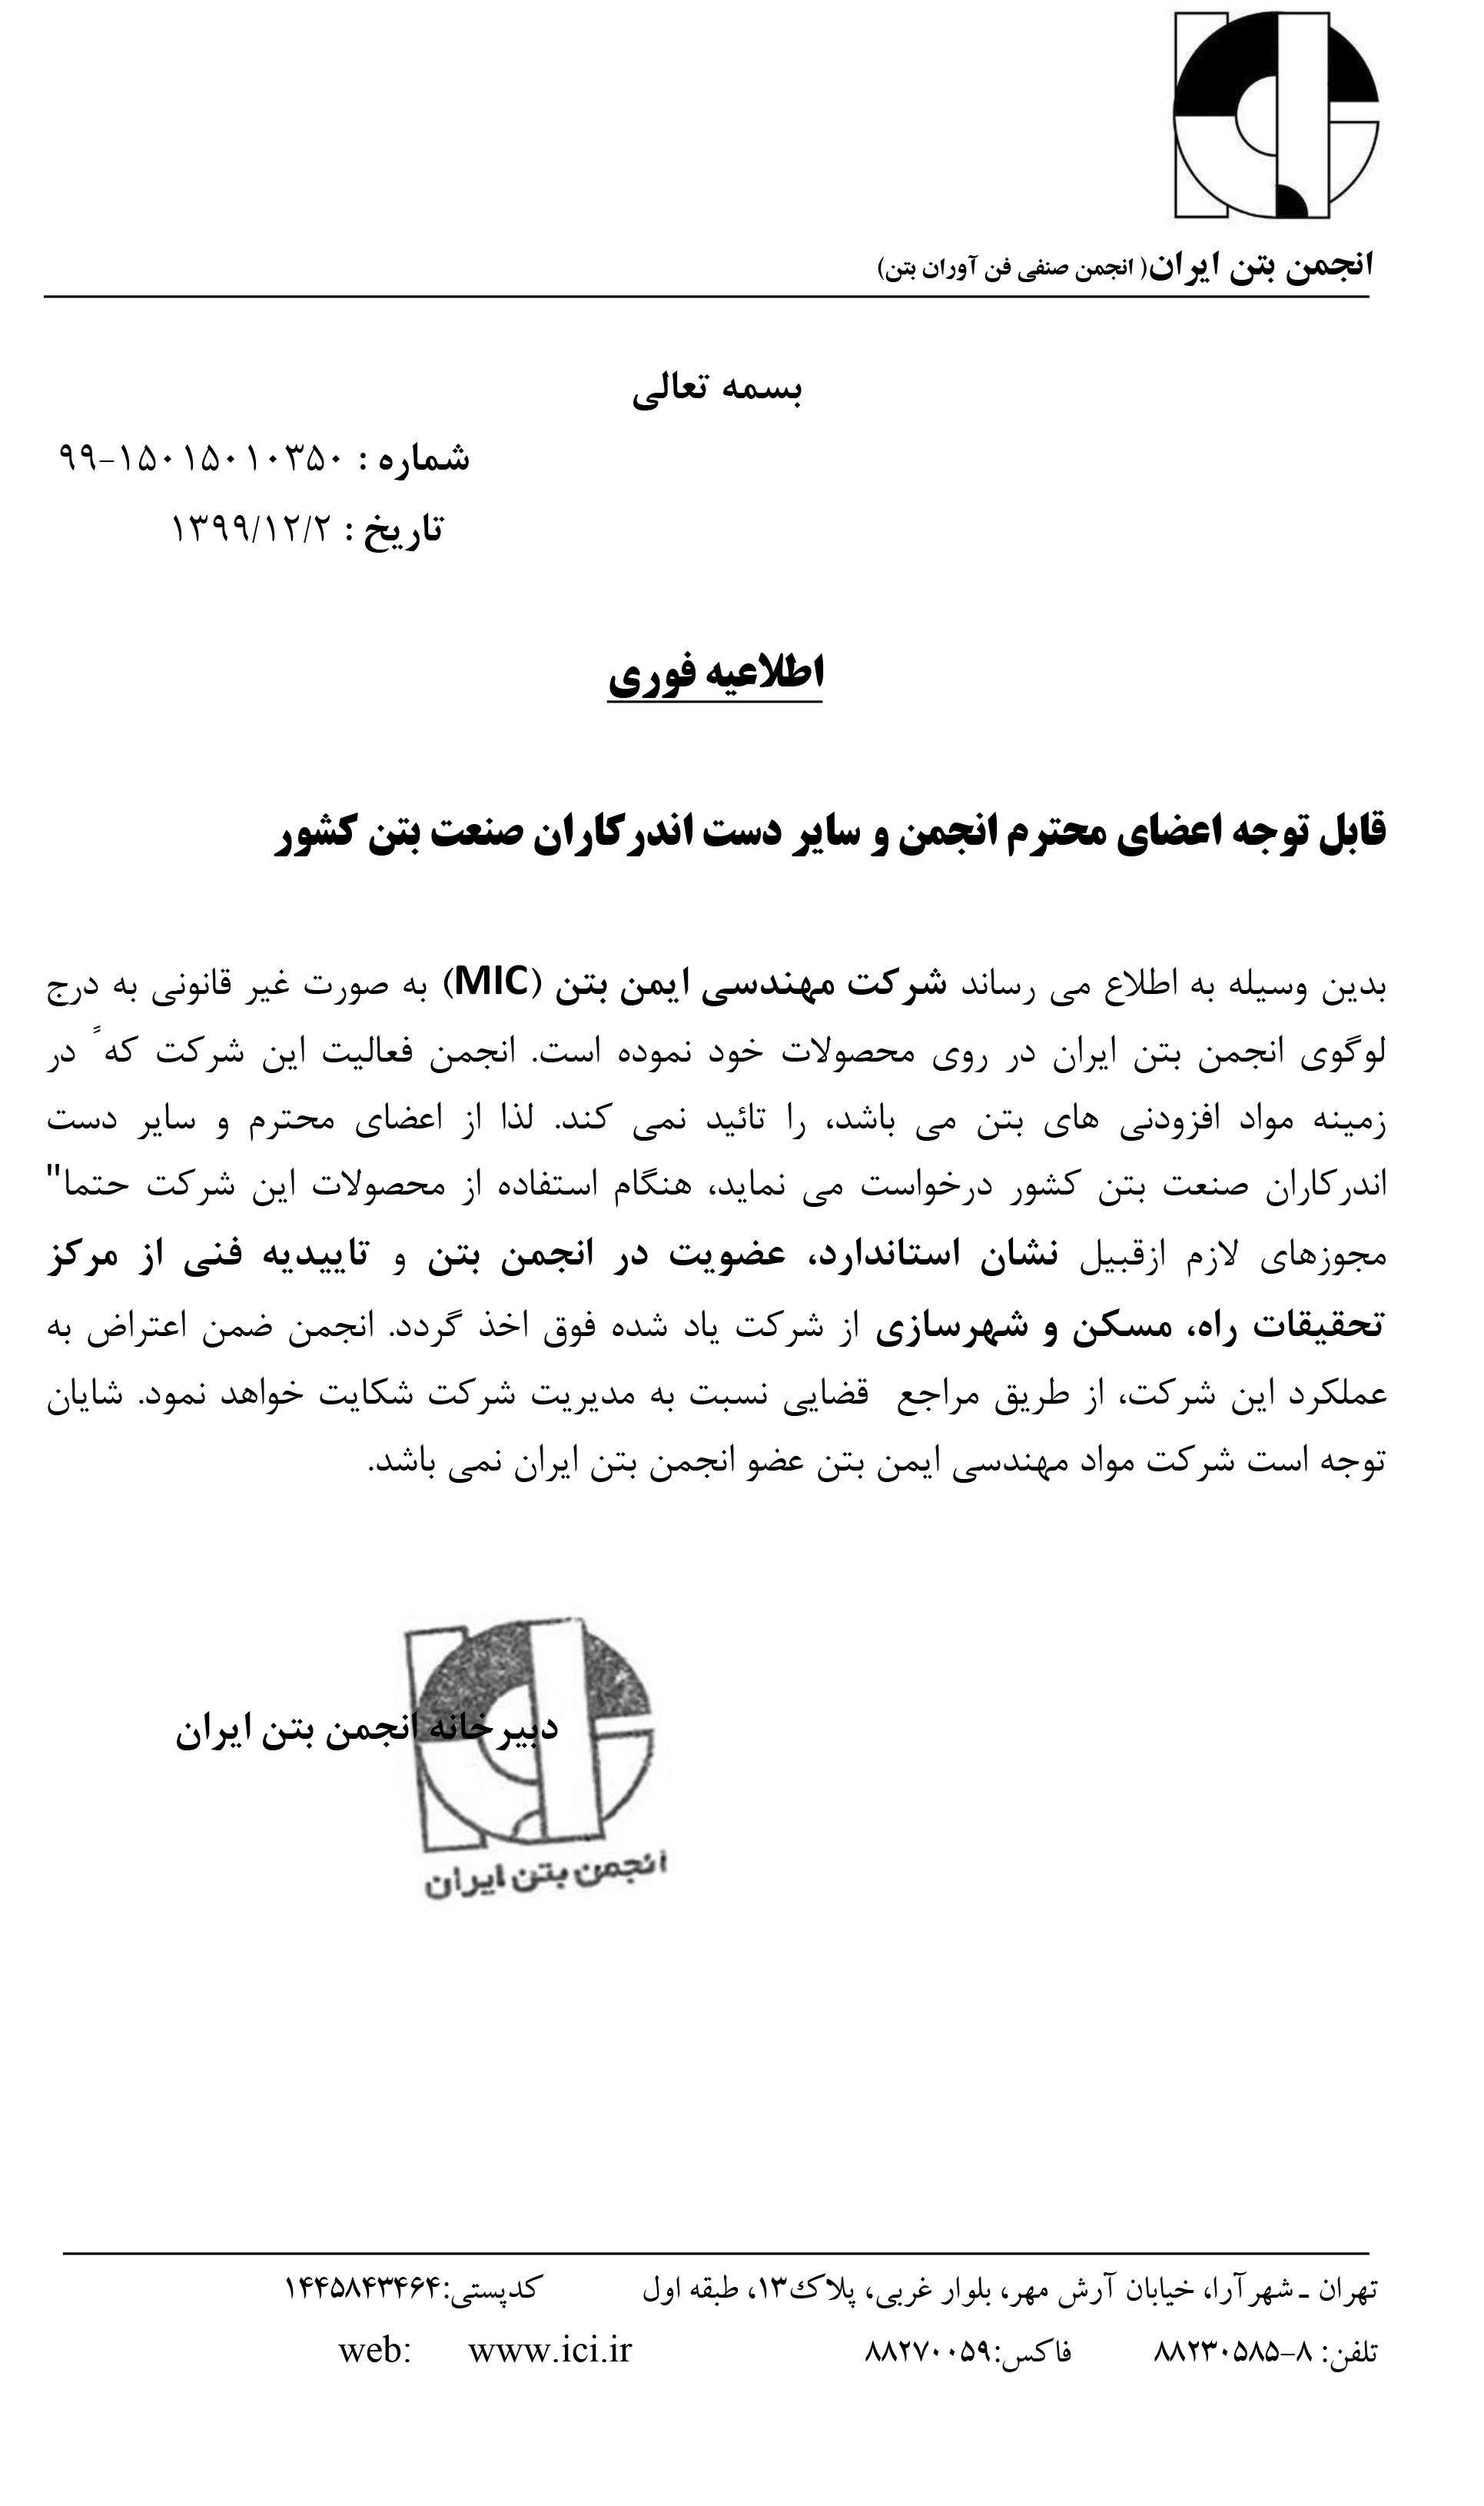 تخلف شرکت مهندسی ایمن بتن (MIC) در استفاده از لوگوی انجمن بتن ایران